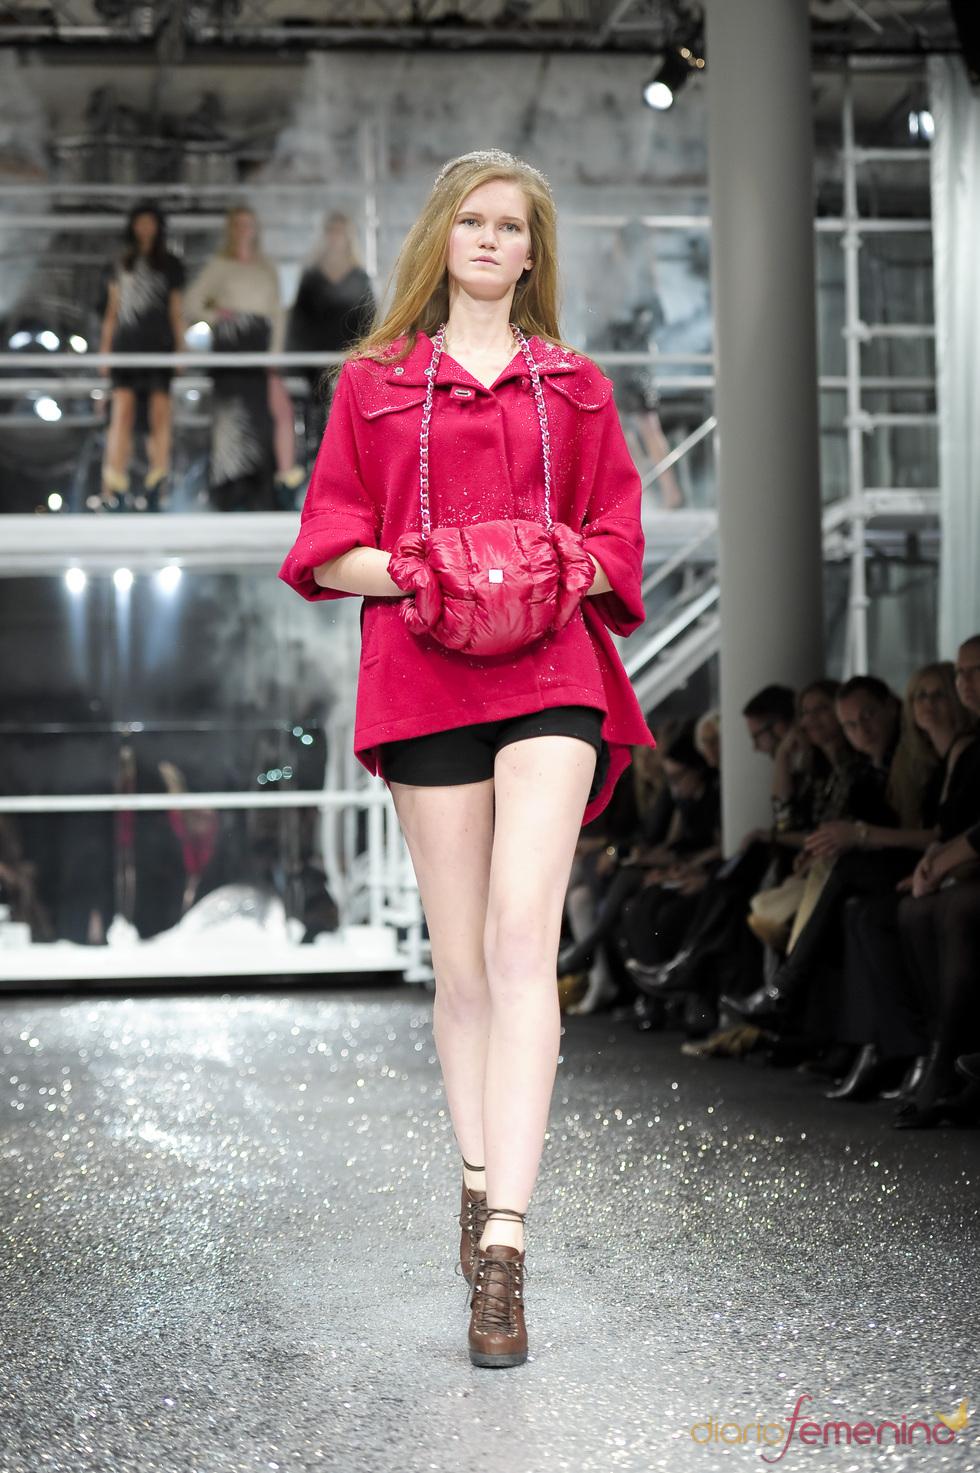 Capa fucsia de Escada en la Berlín Fashion Week 2011